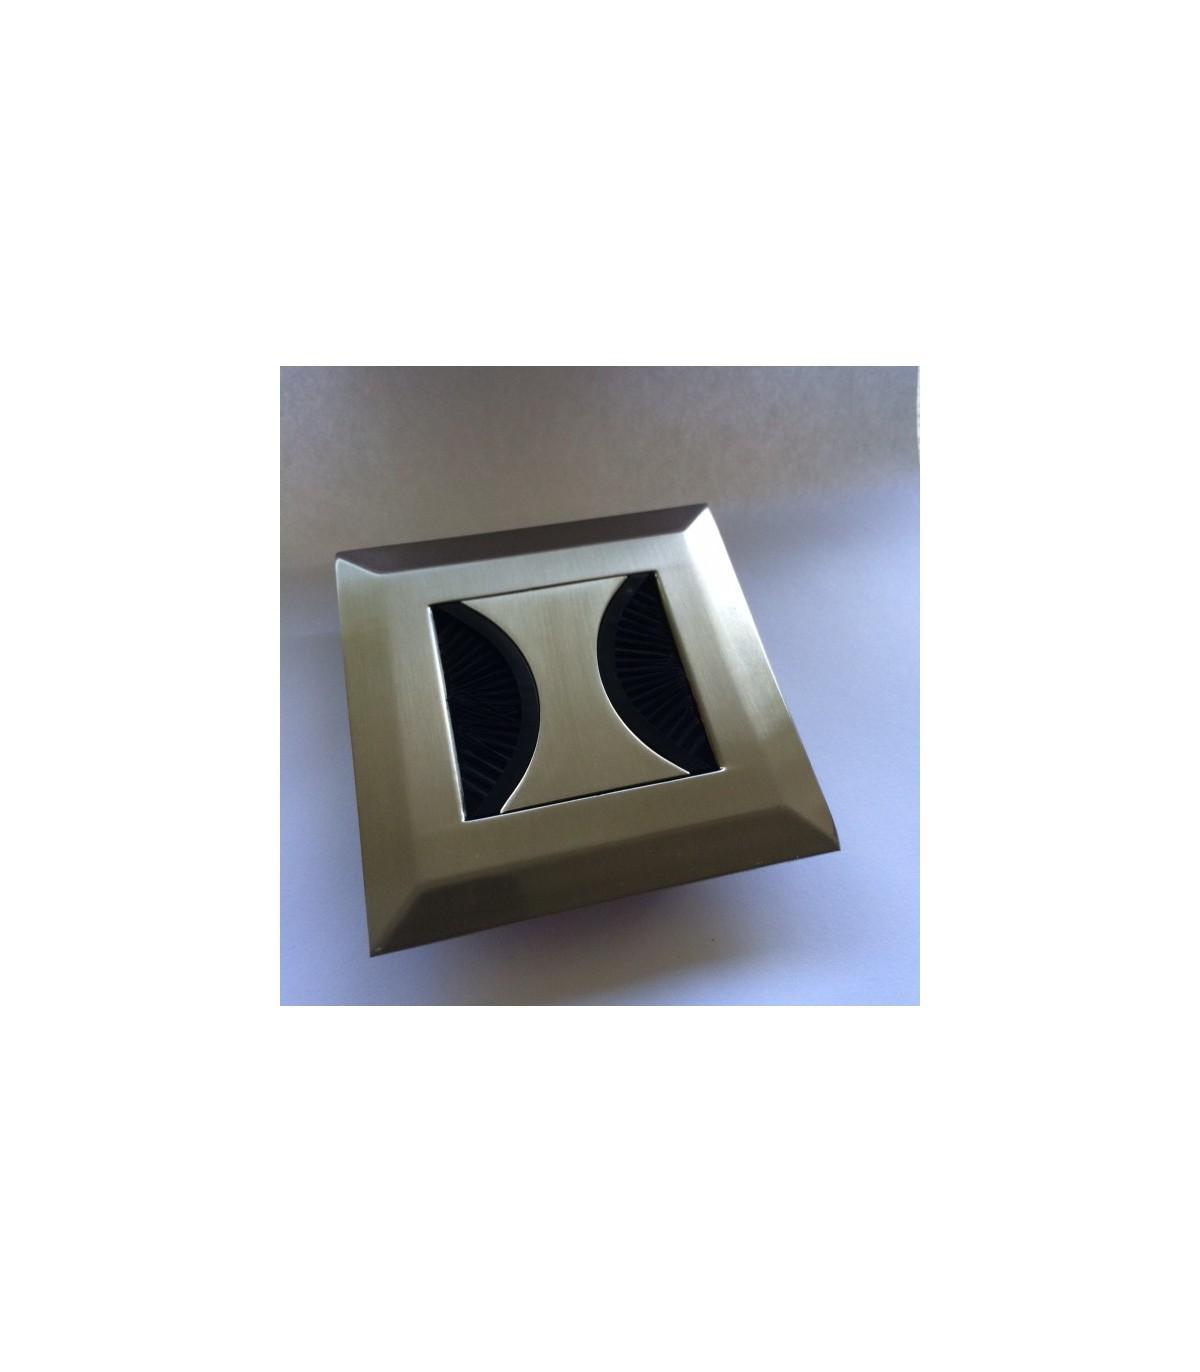 Passage De Cable Dans Cloison opercule passe-câbles en zamak forme carré série butterfly.